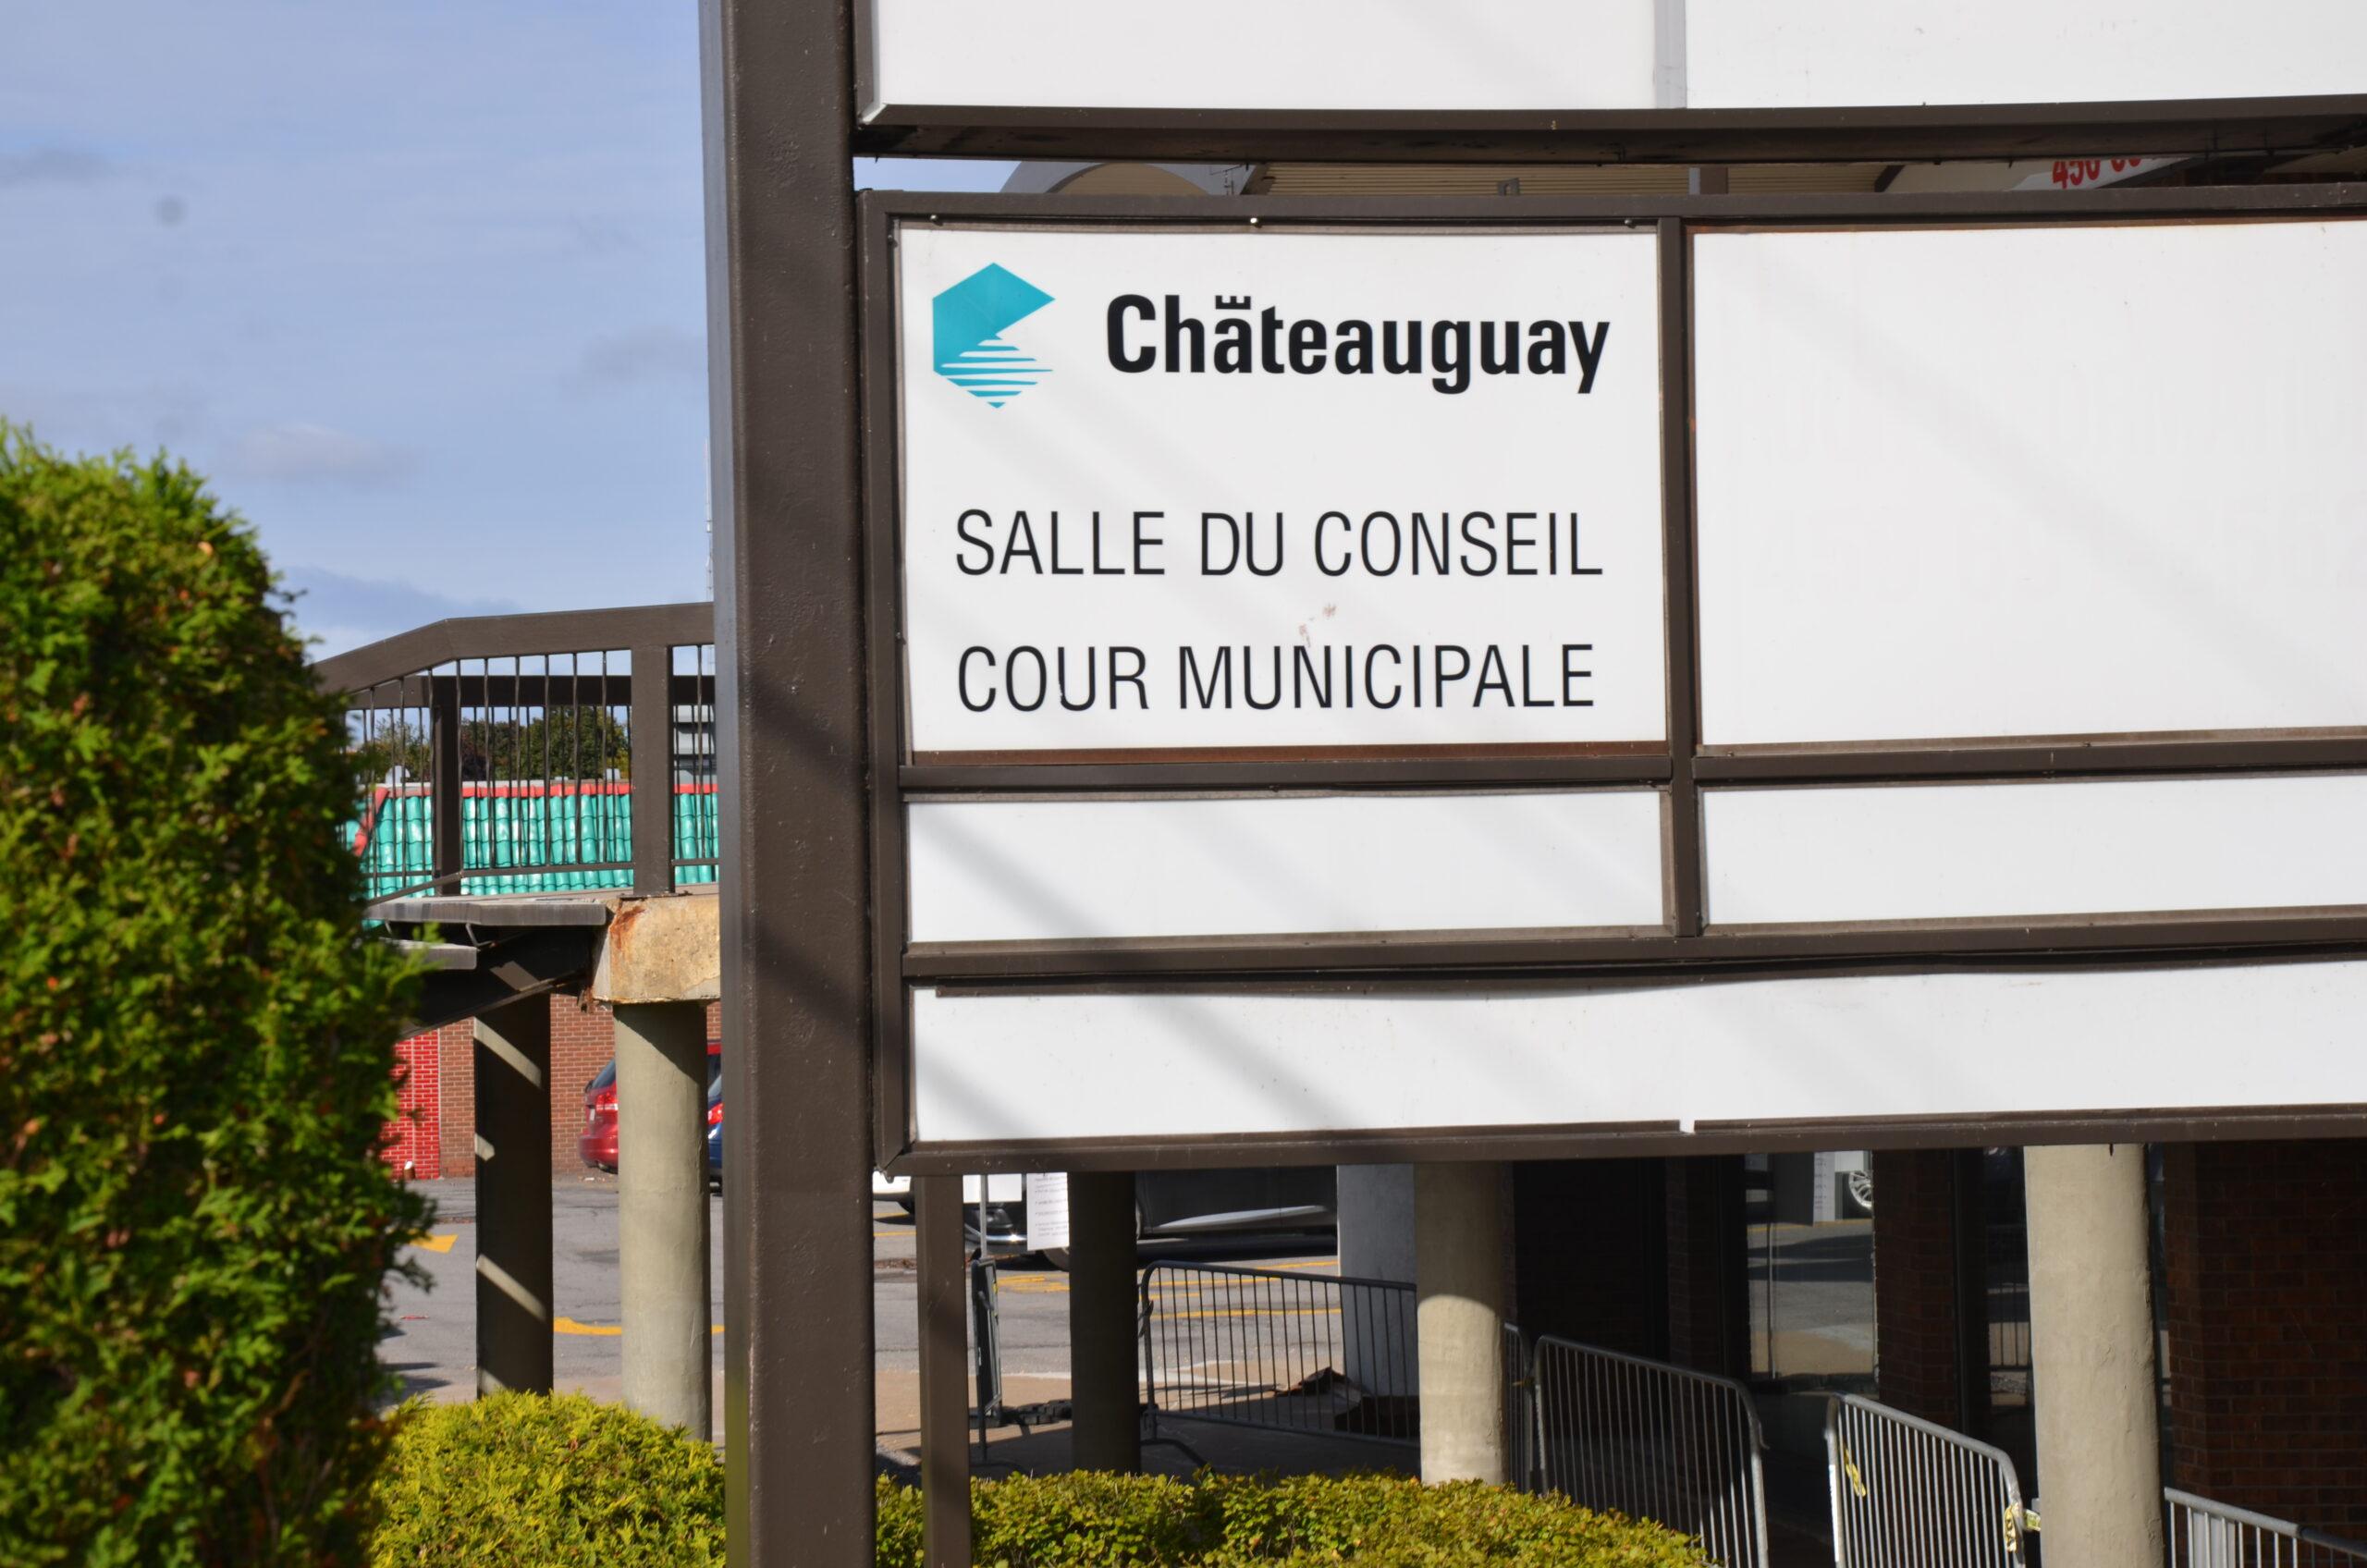 Municipal court sign